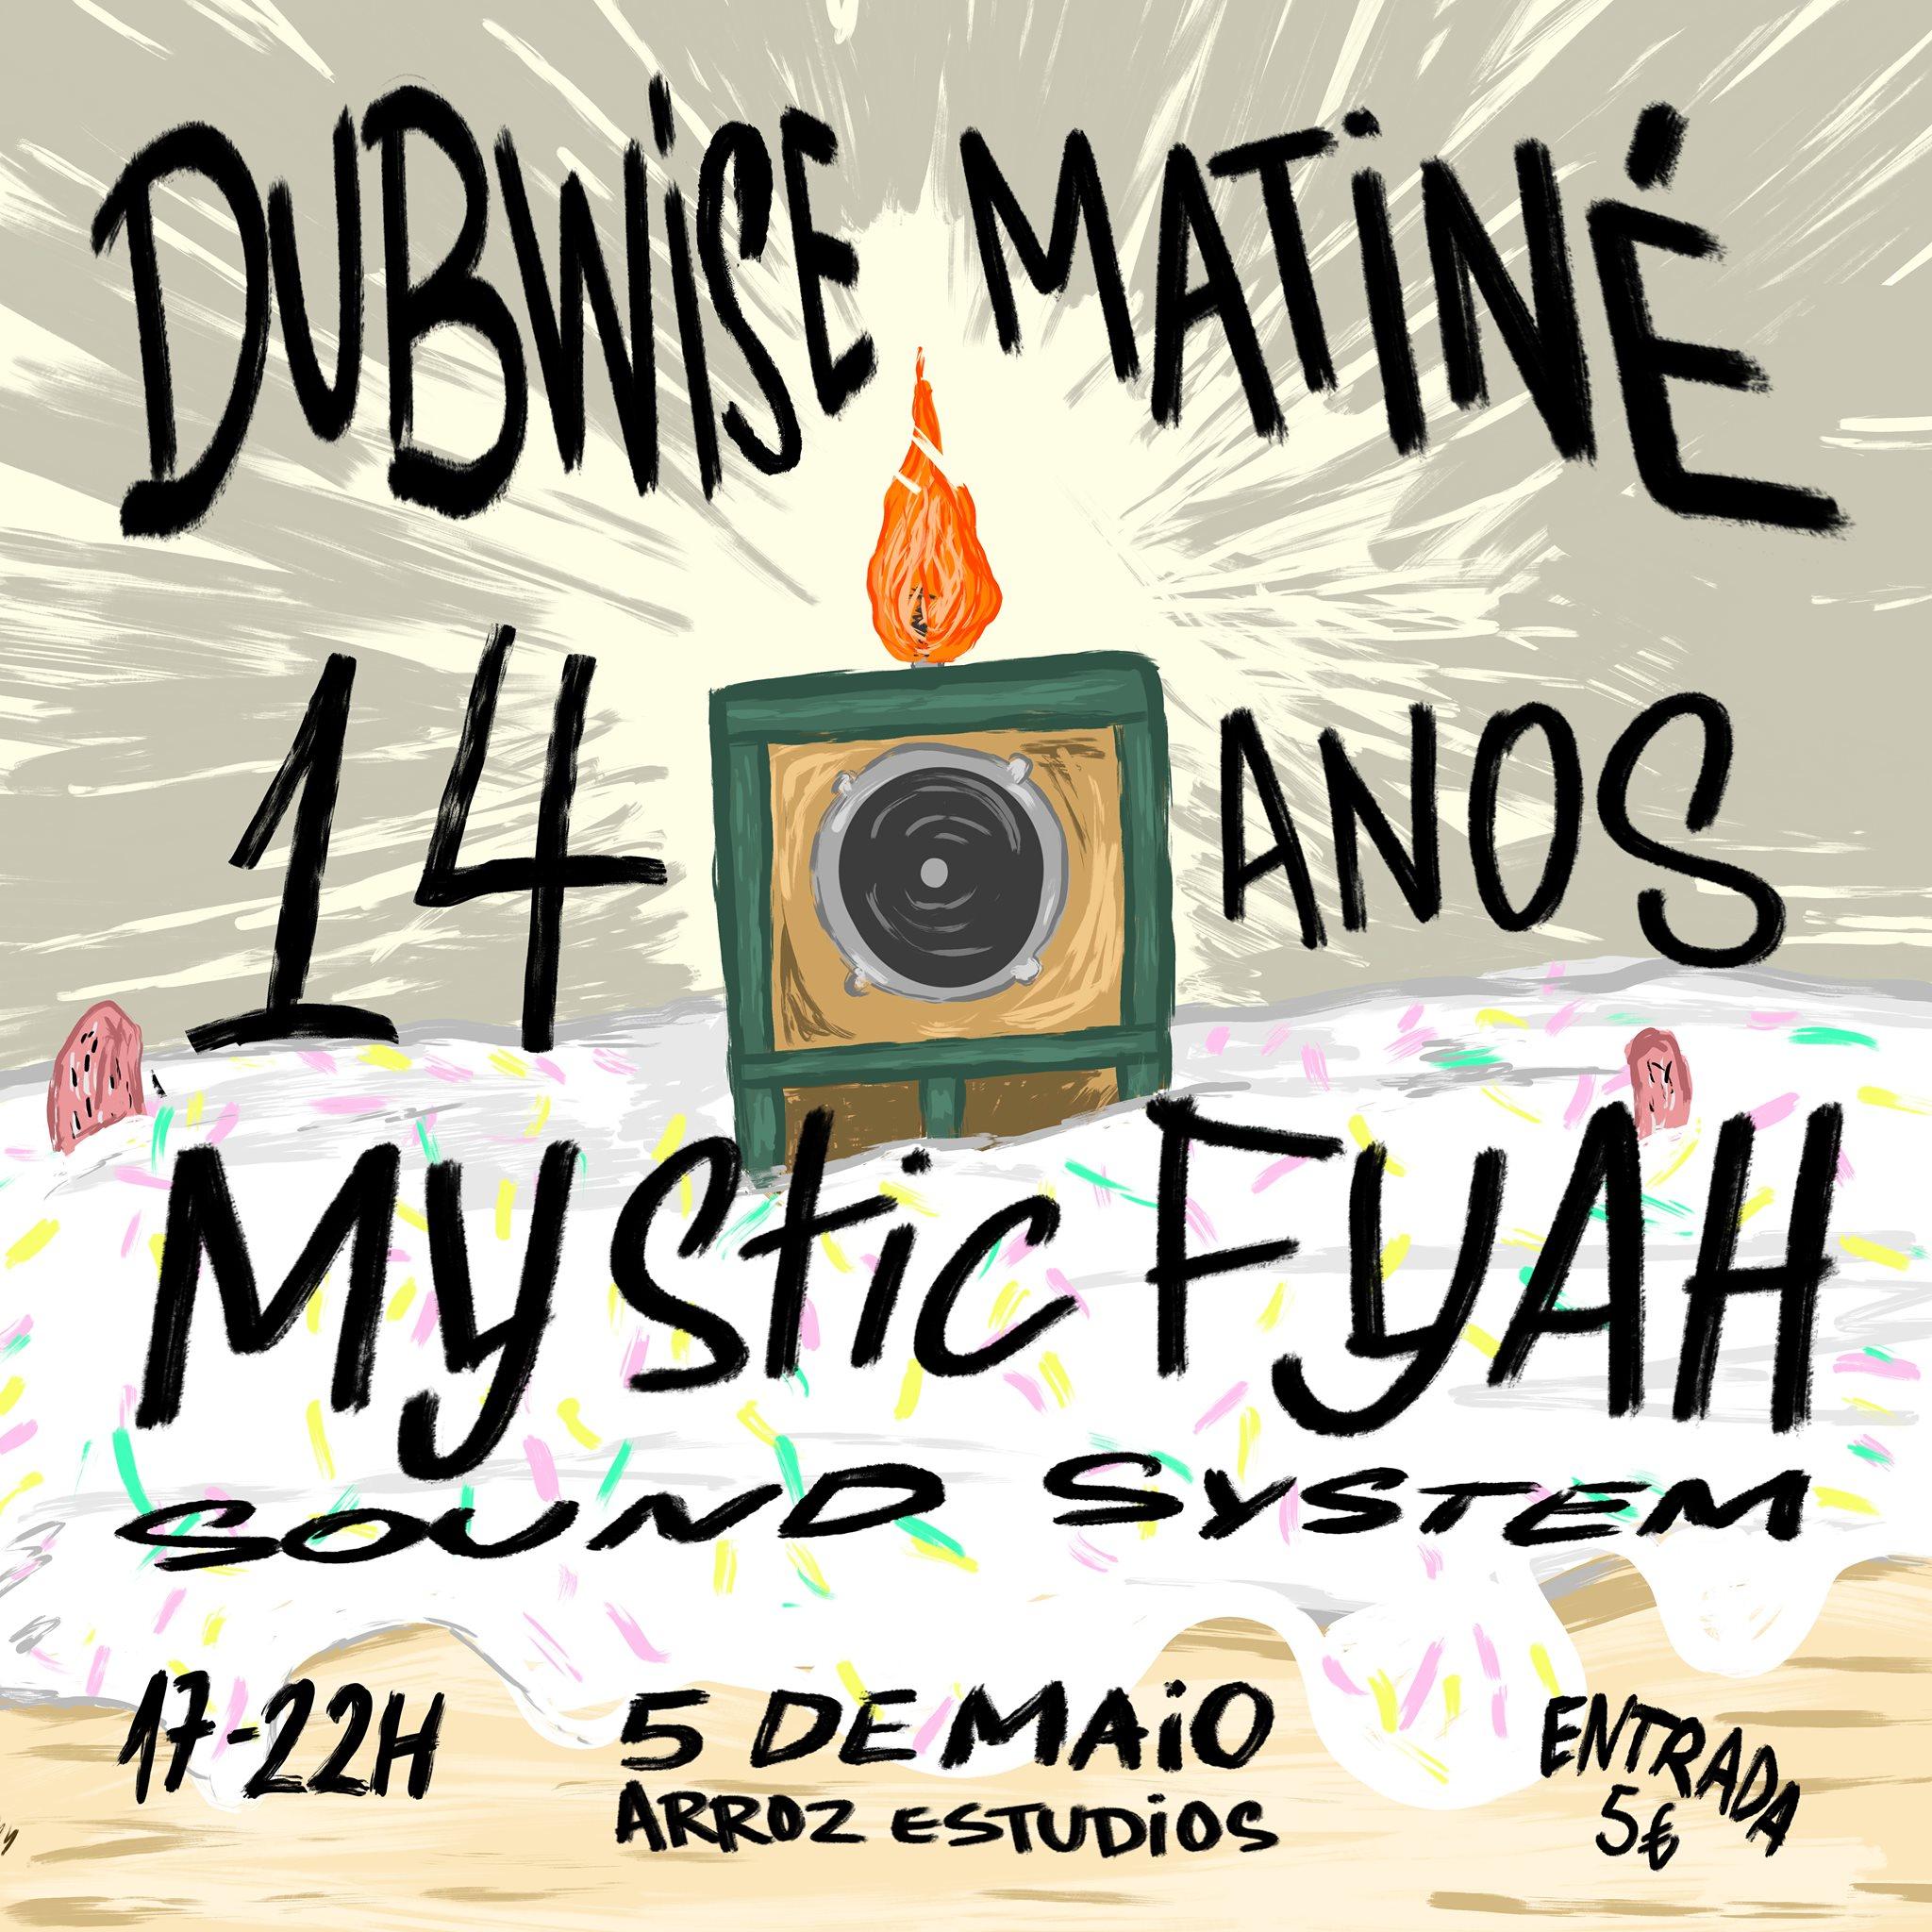 Dubwise Matiné - Mystic Fyah